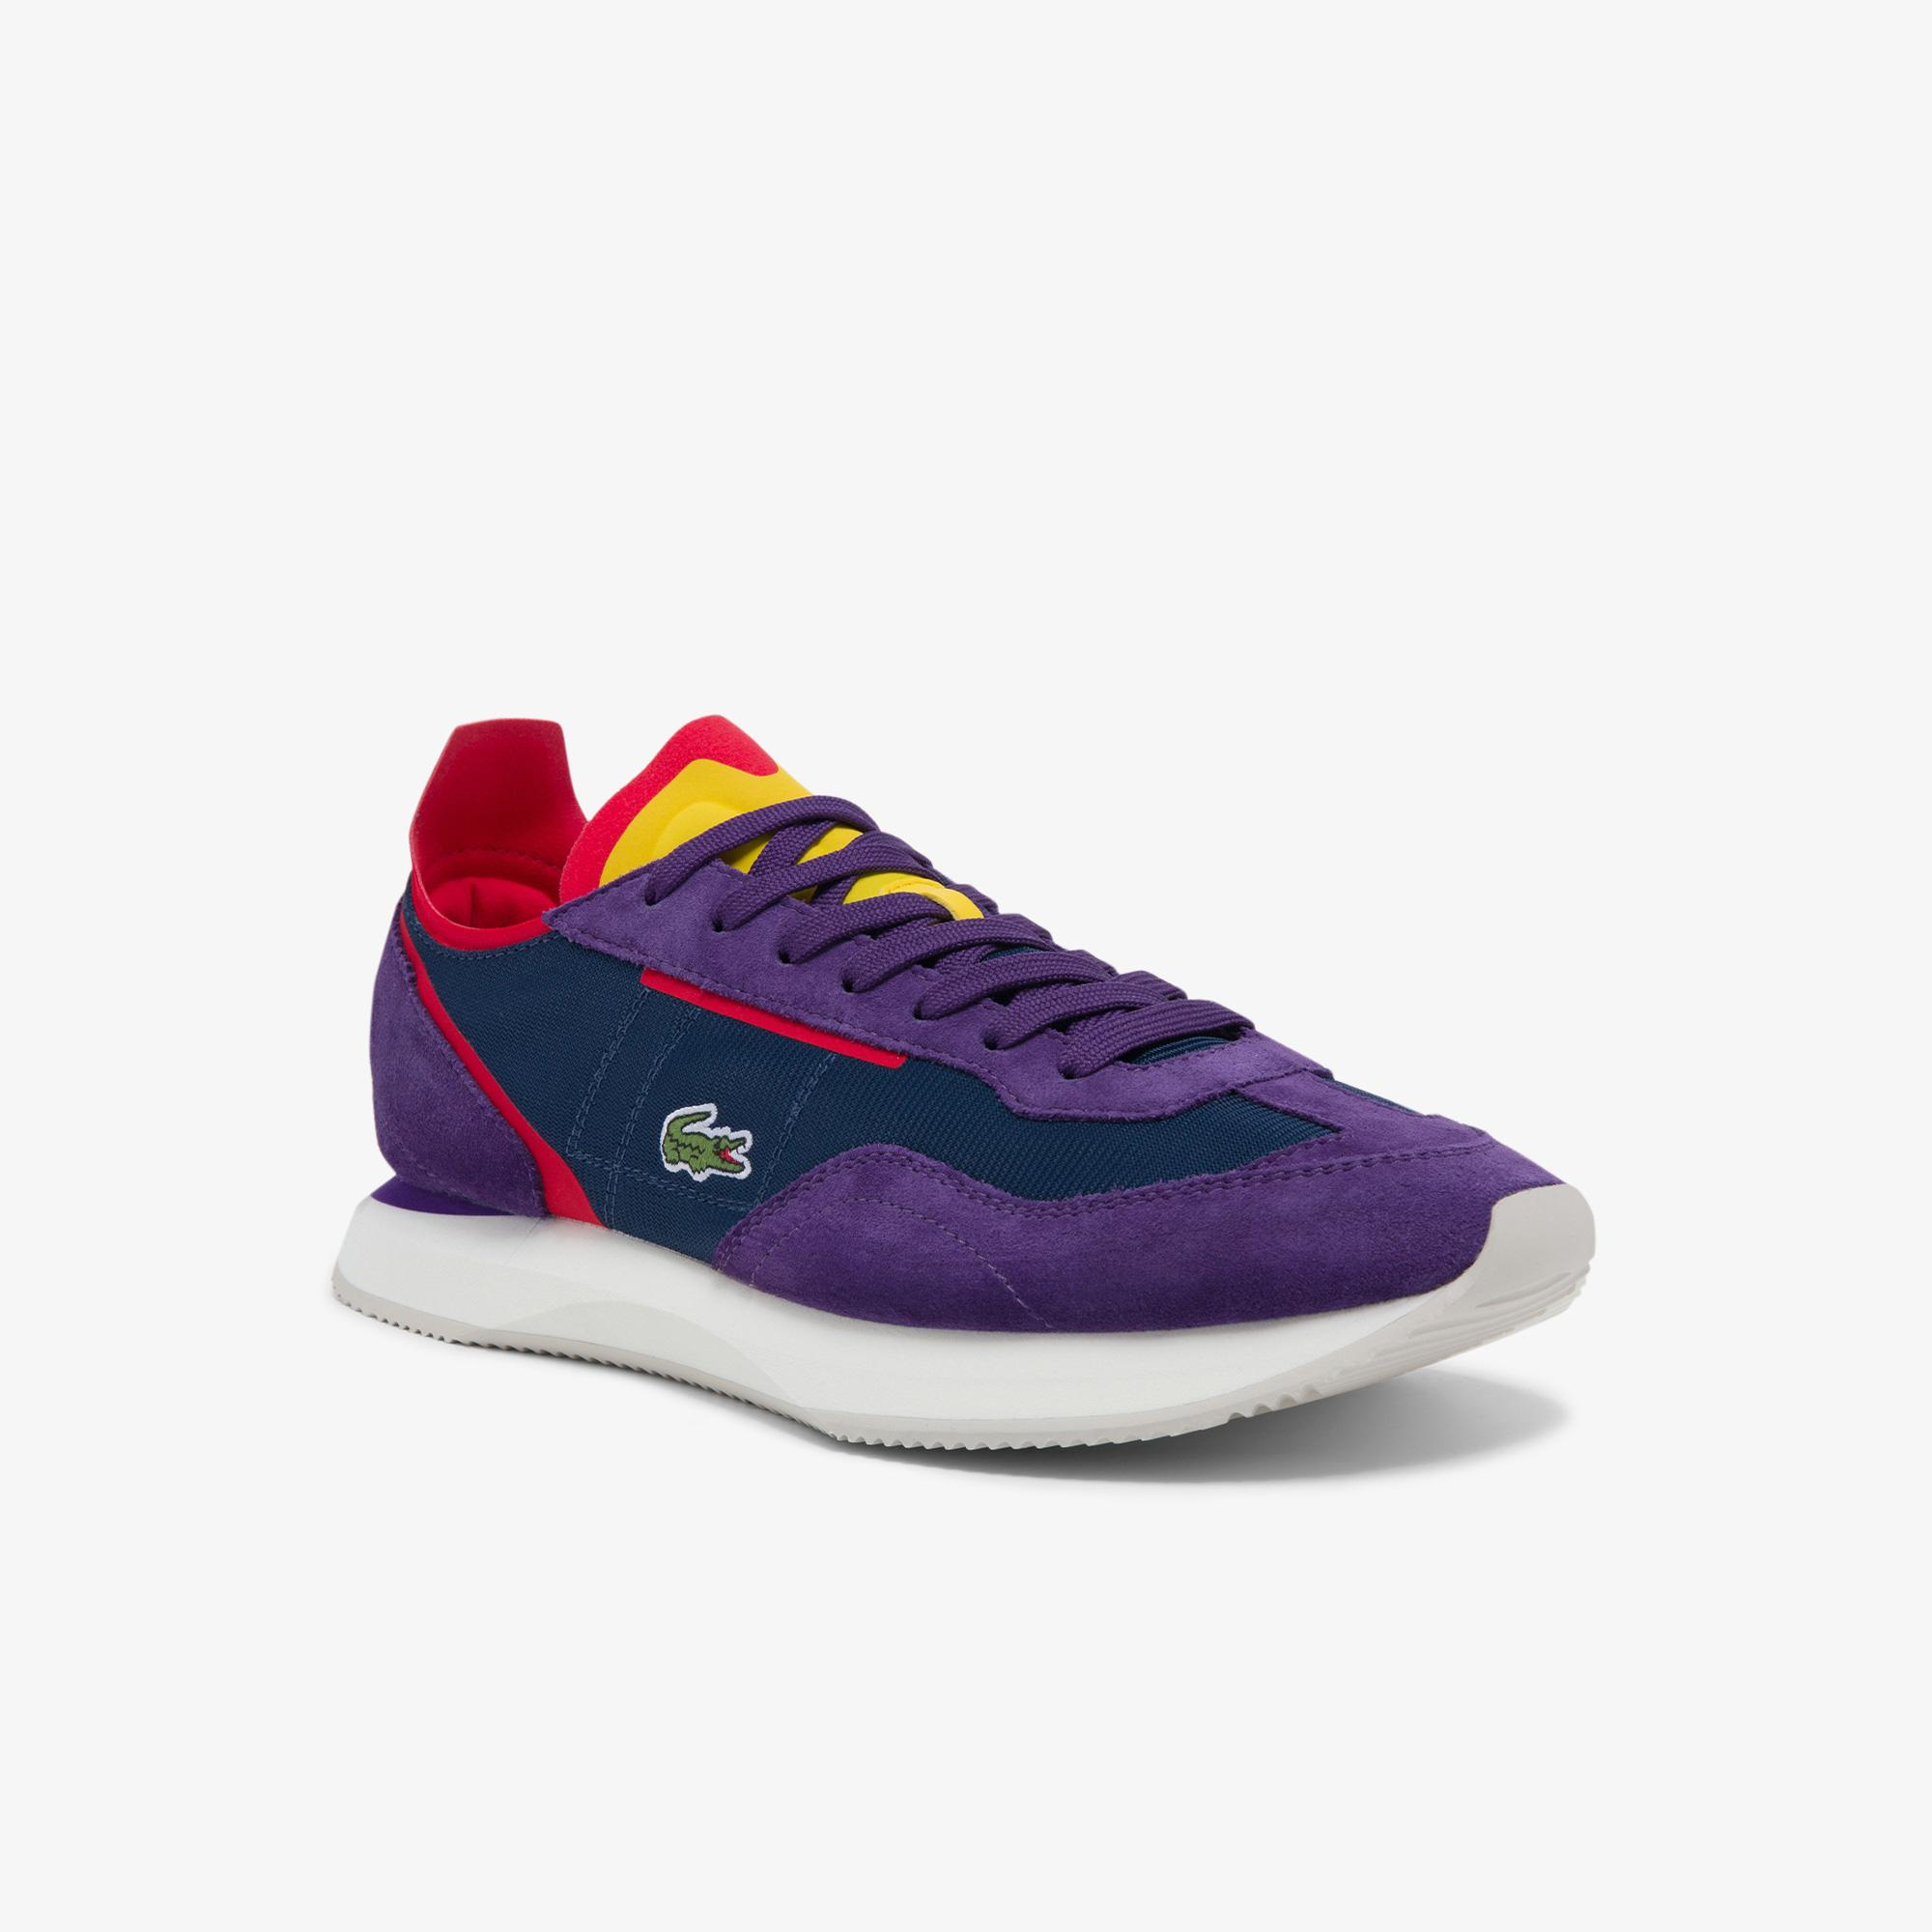 Lacoste Match Break 0121 4 Sma Erkek Lacivert - Mor Sneaker